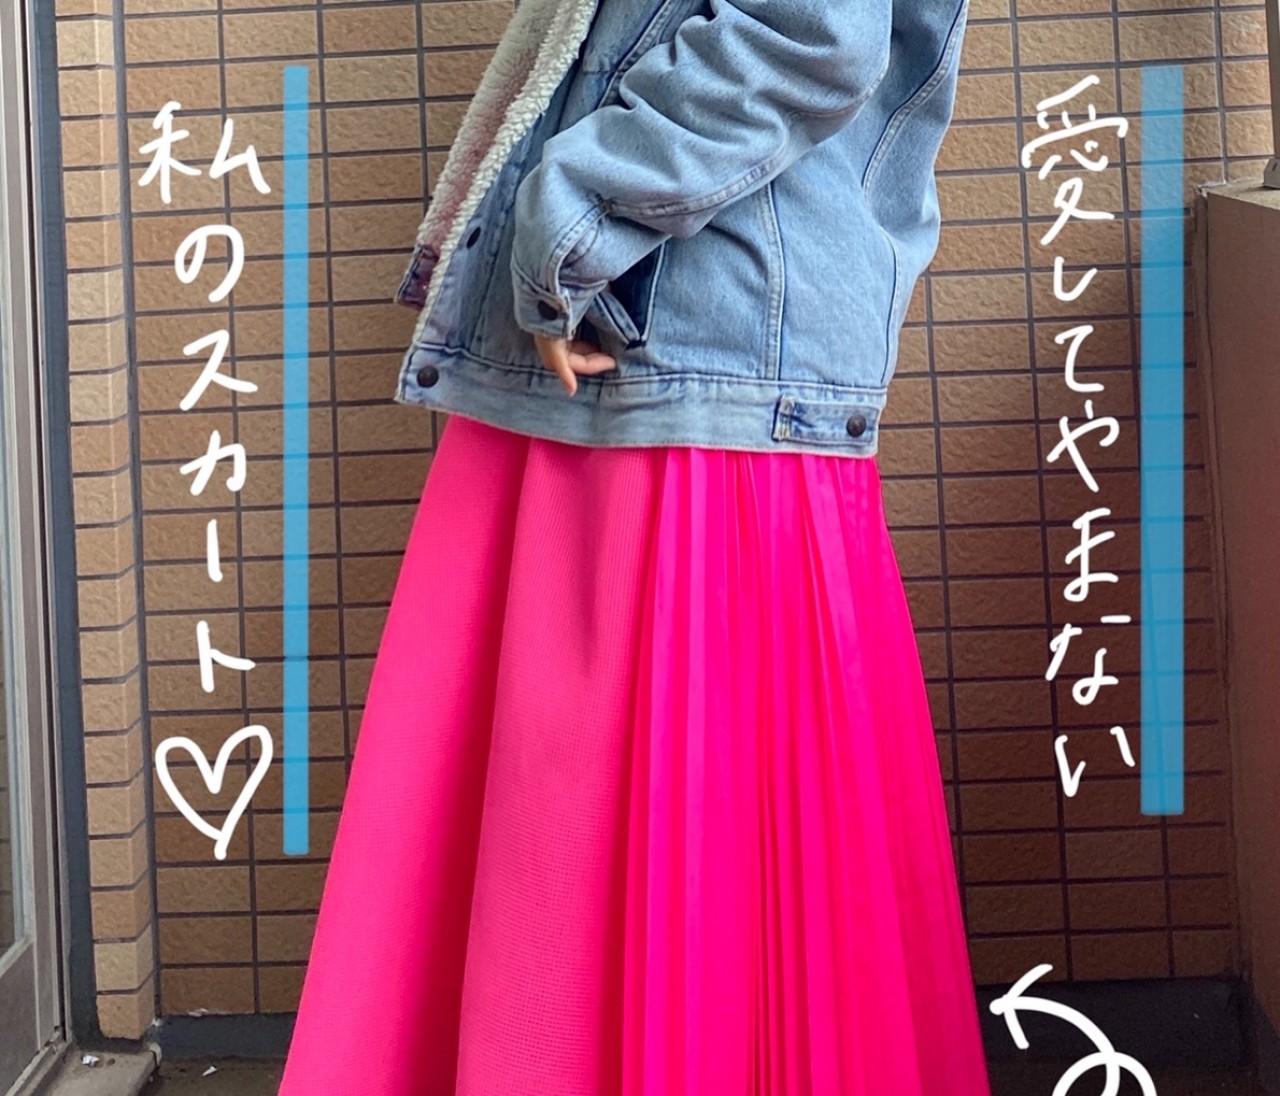 【OOTD】偏愛スカート♥私だけのお気に入り